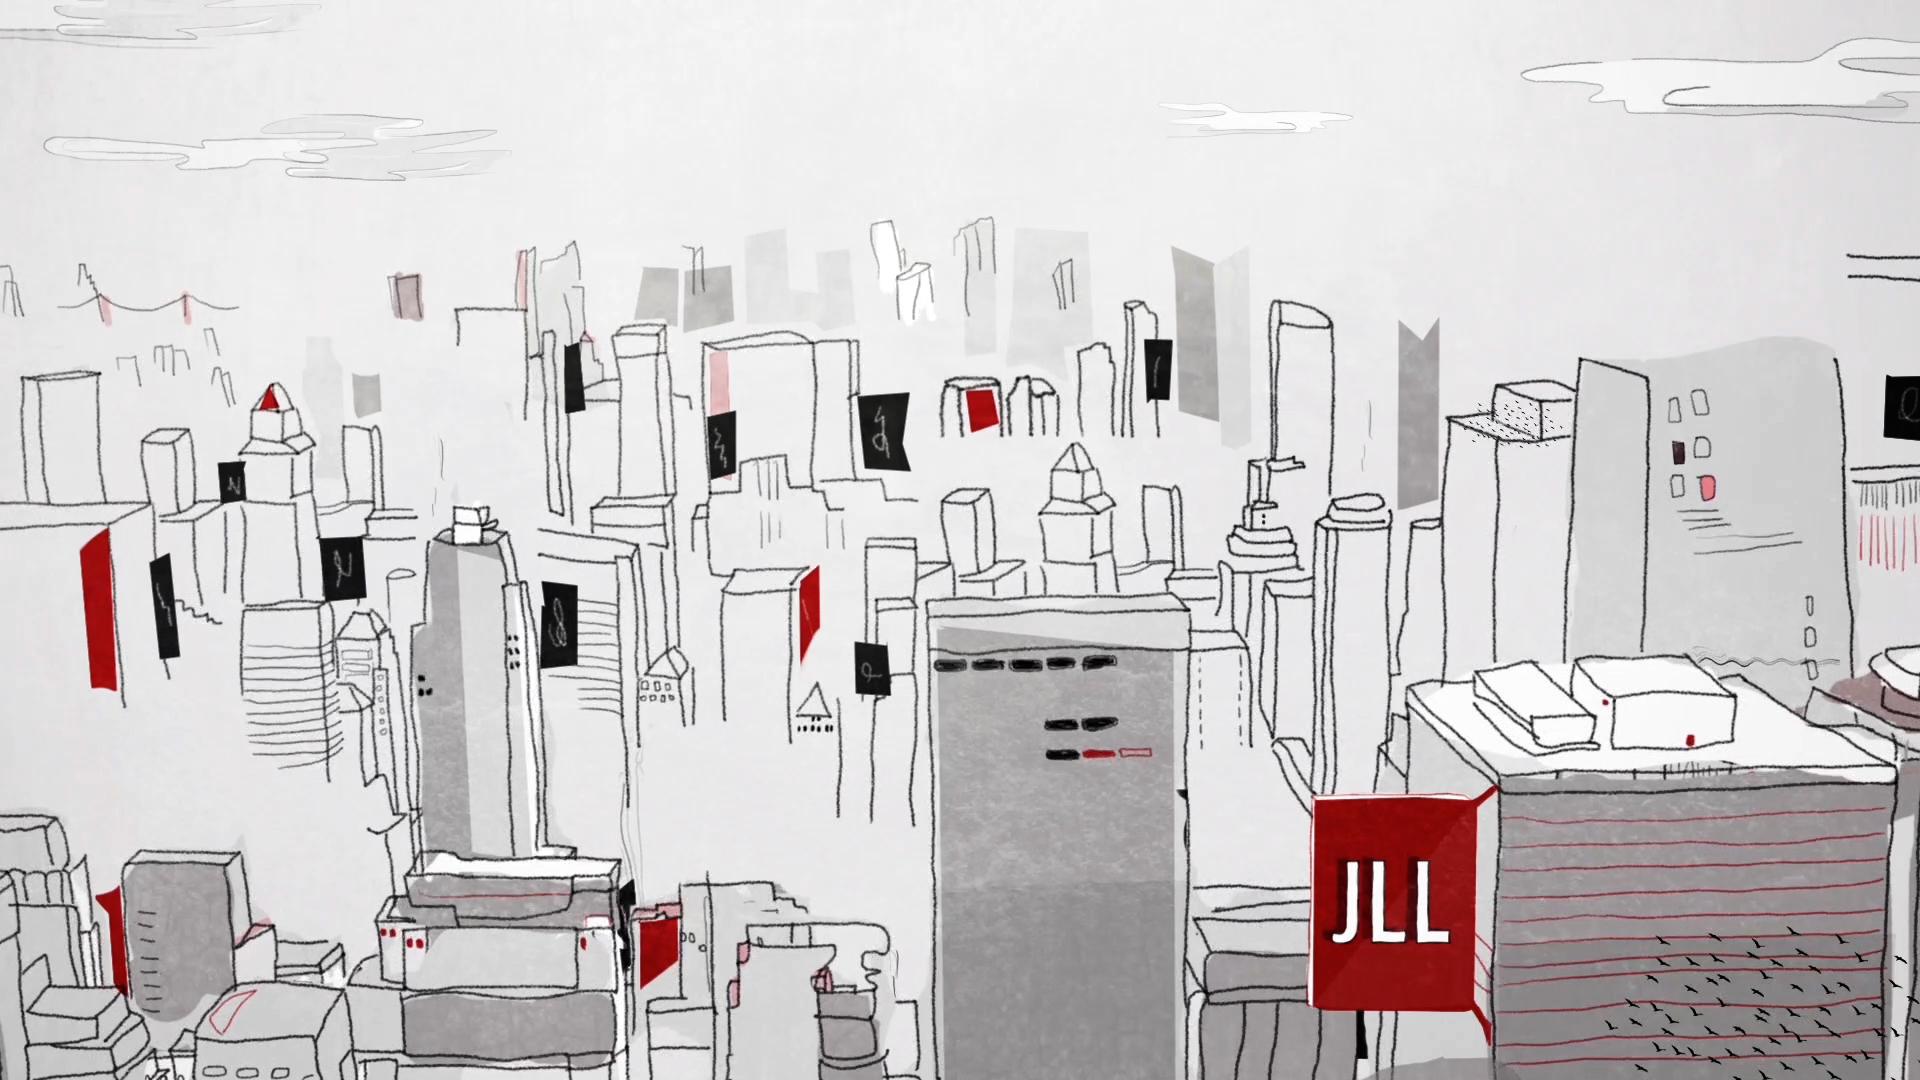 jll_still07.jpg